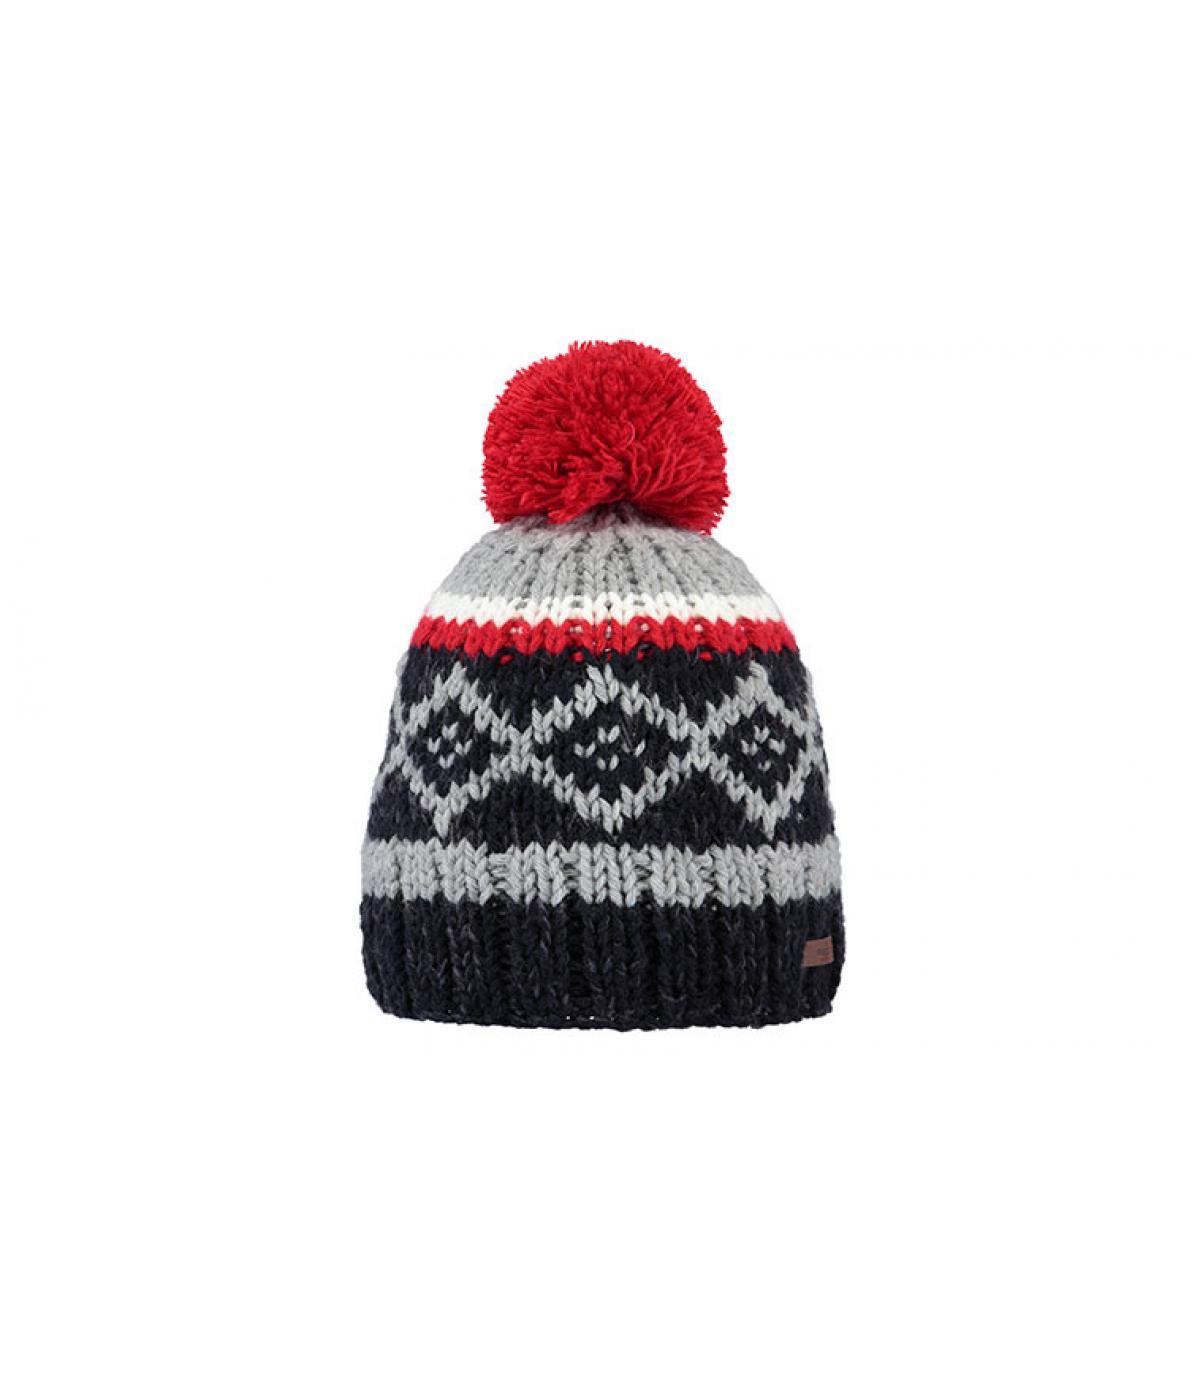 Bommel Mütze Motive blau rot